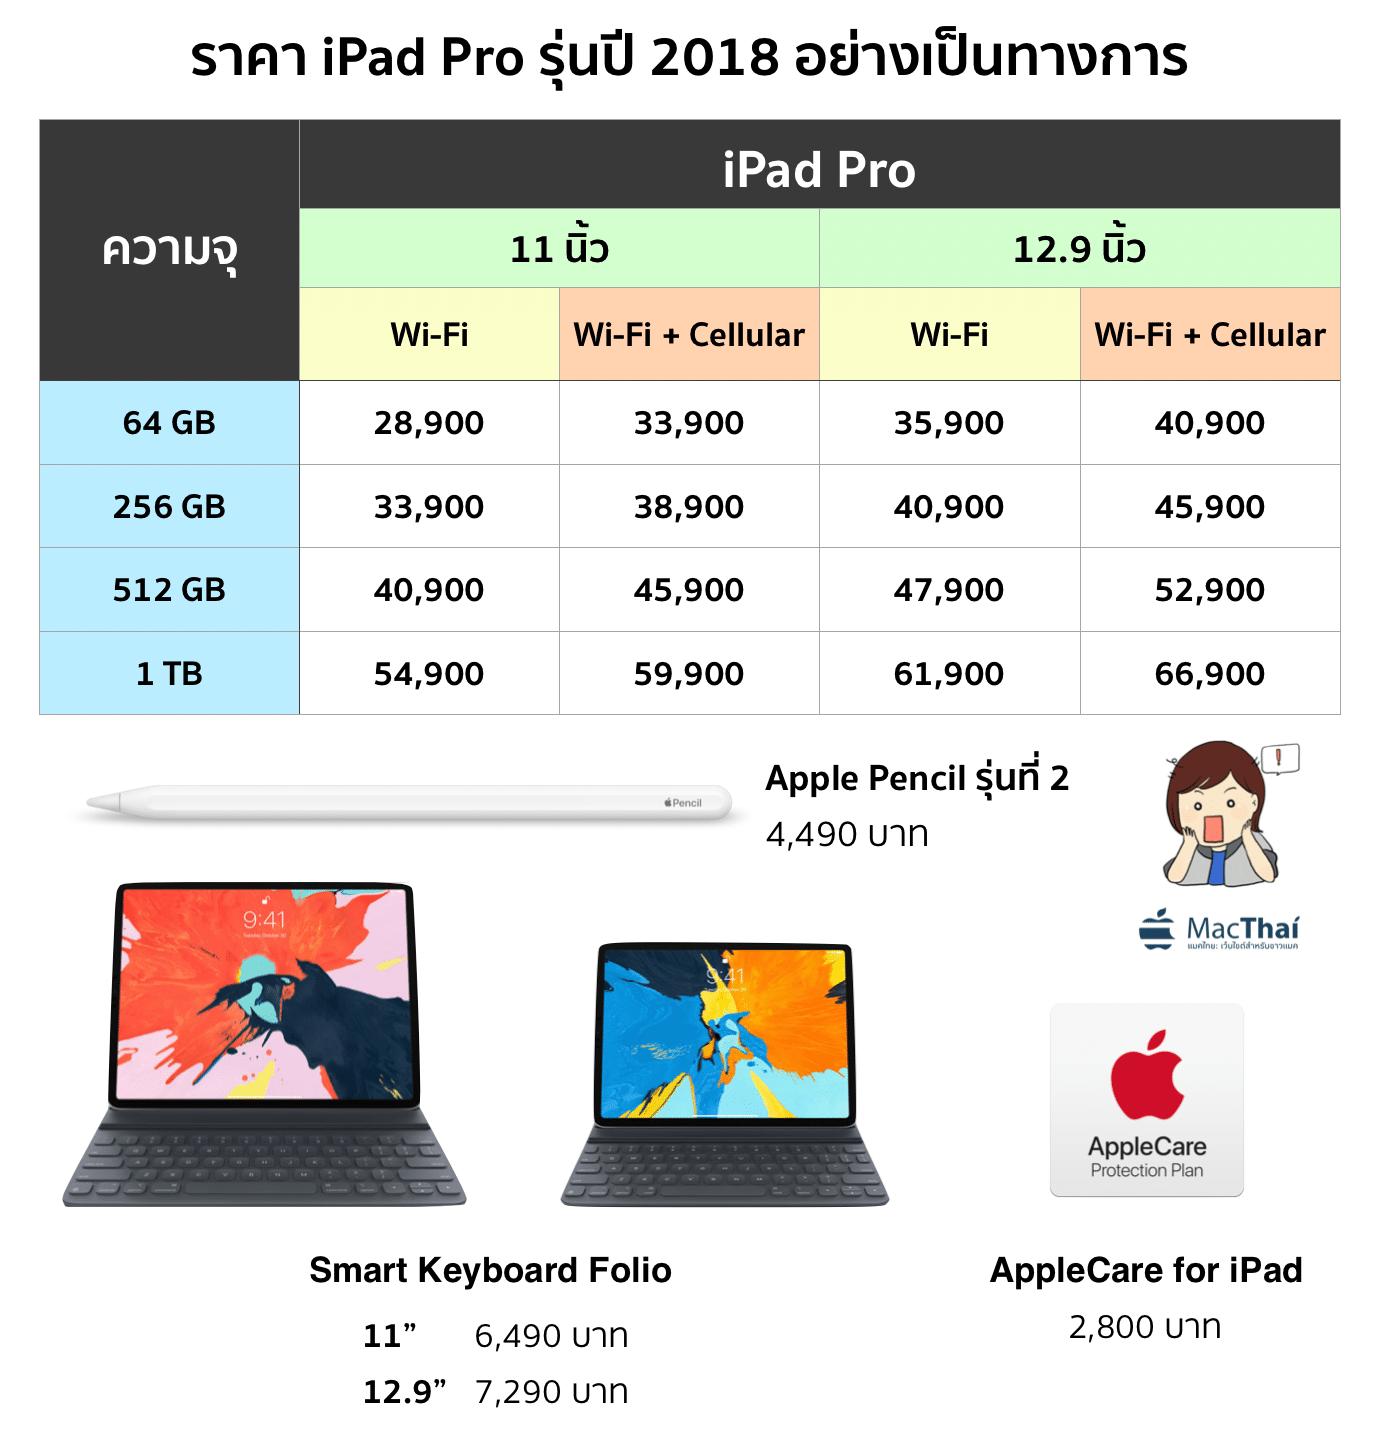 ipad pro 2018 price